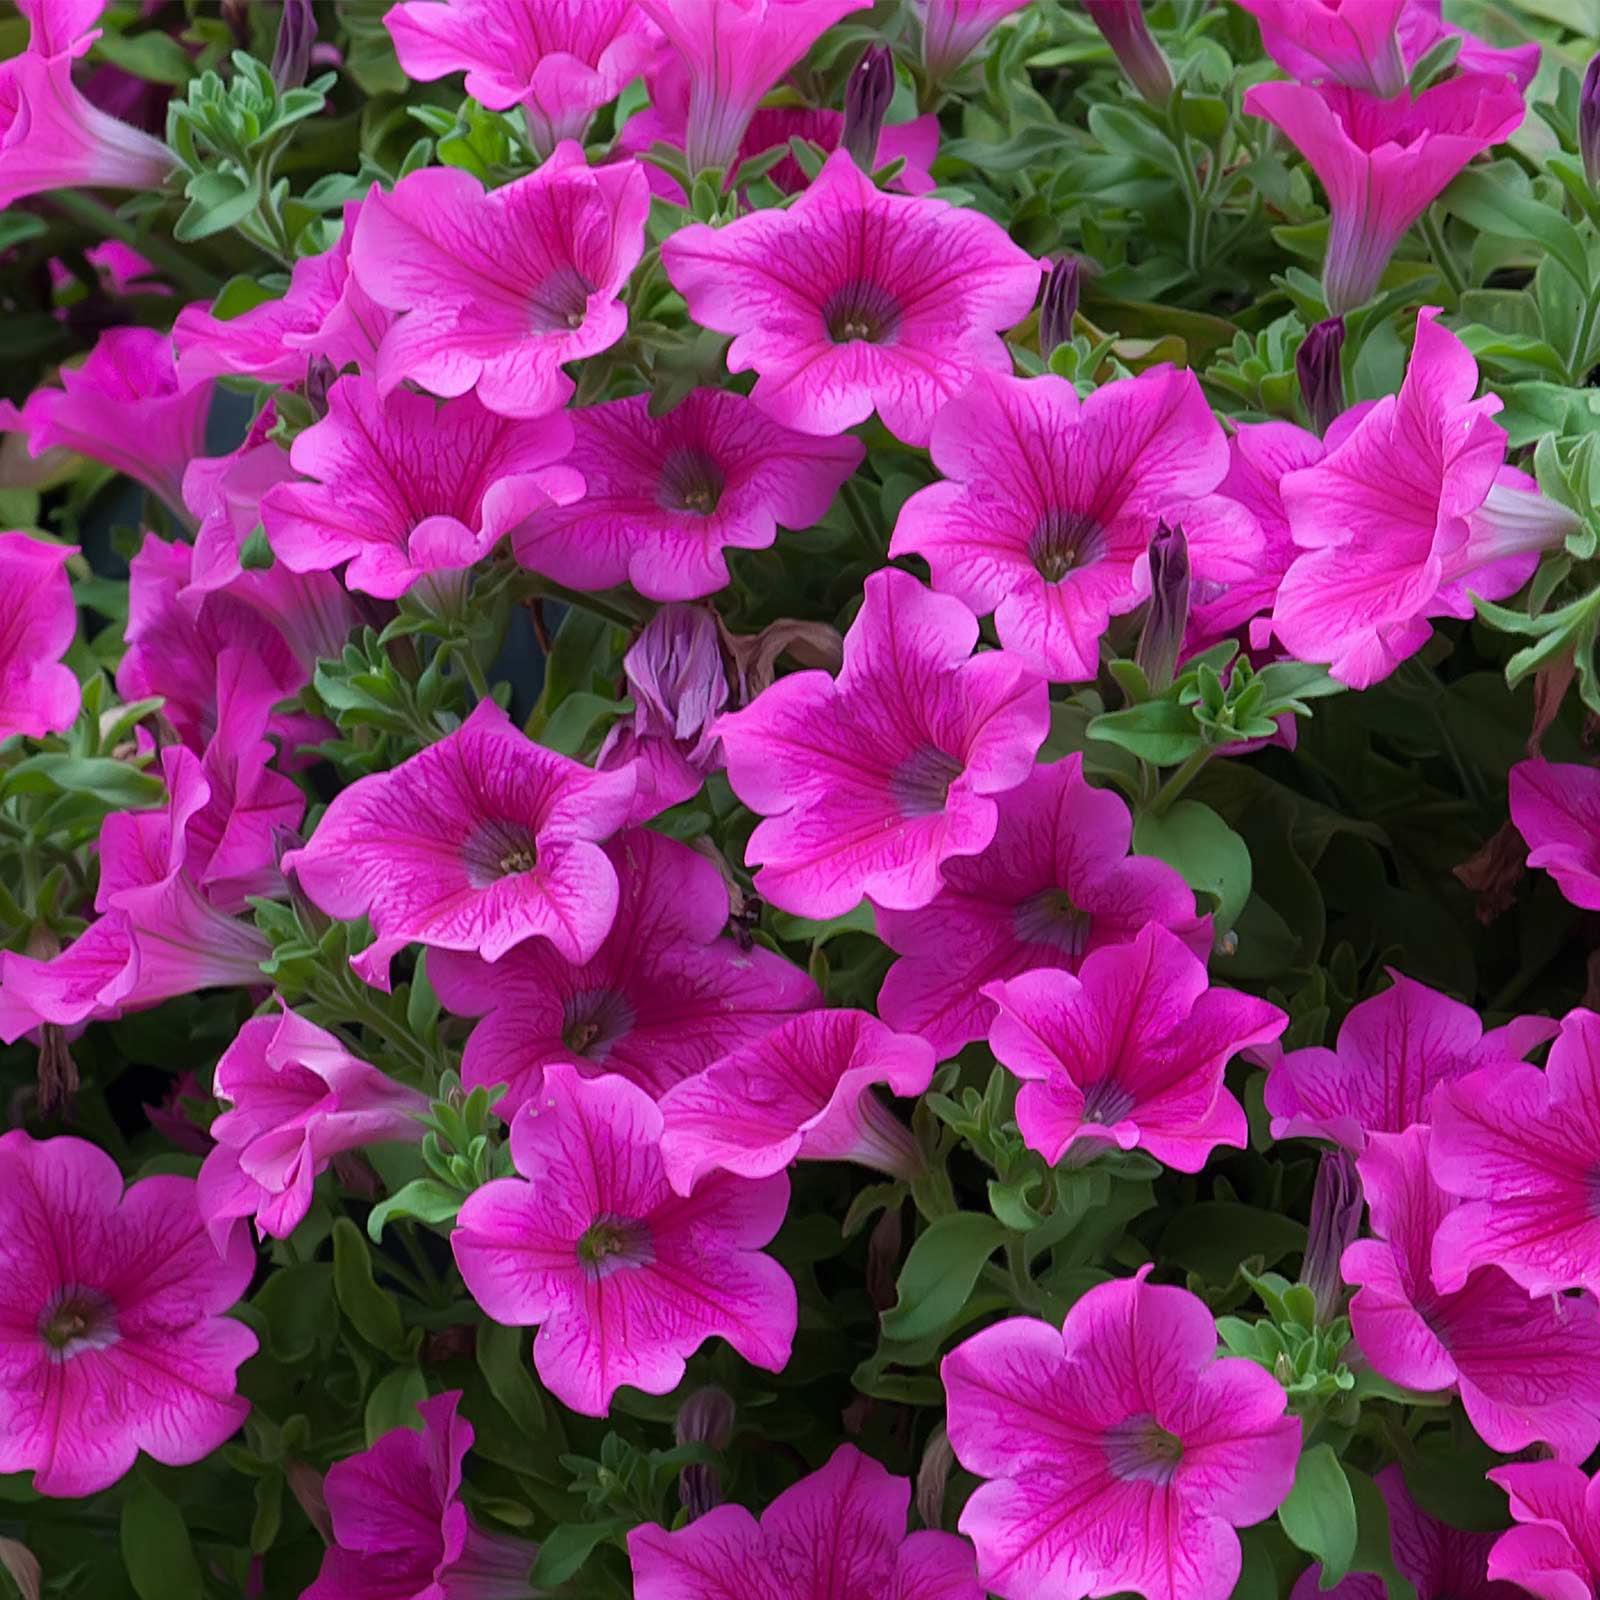 Petunia - Supercascade Series Flower Garden Seed - 1000 Pelleted ...